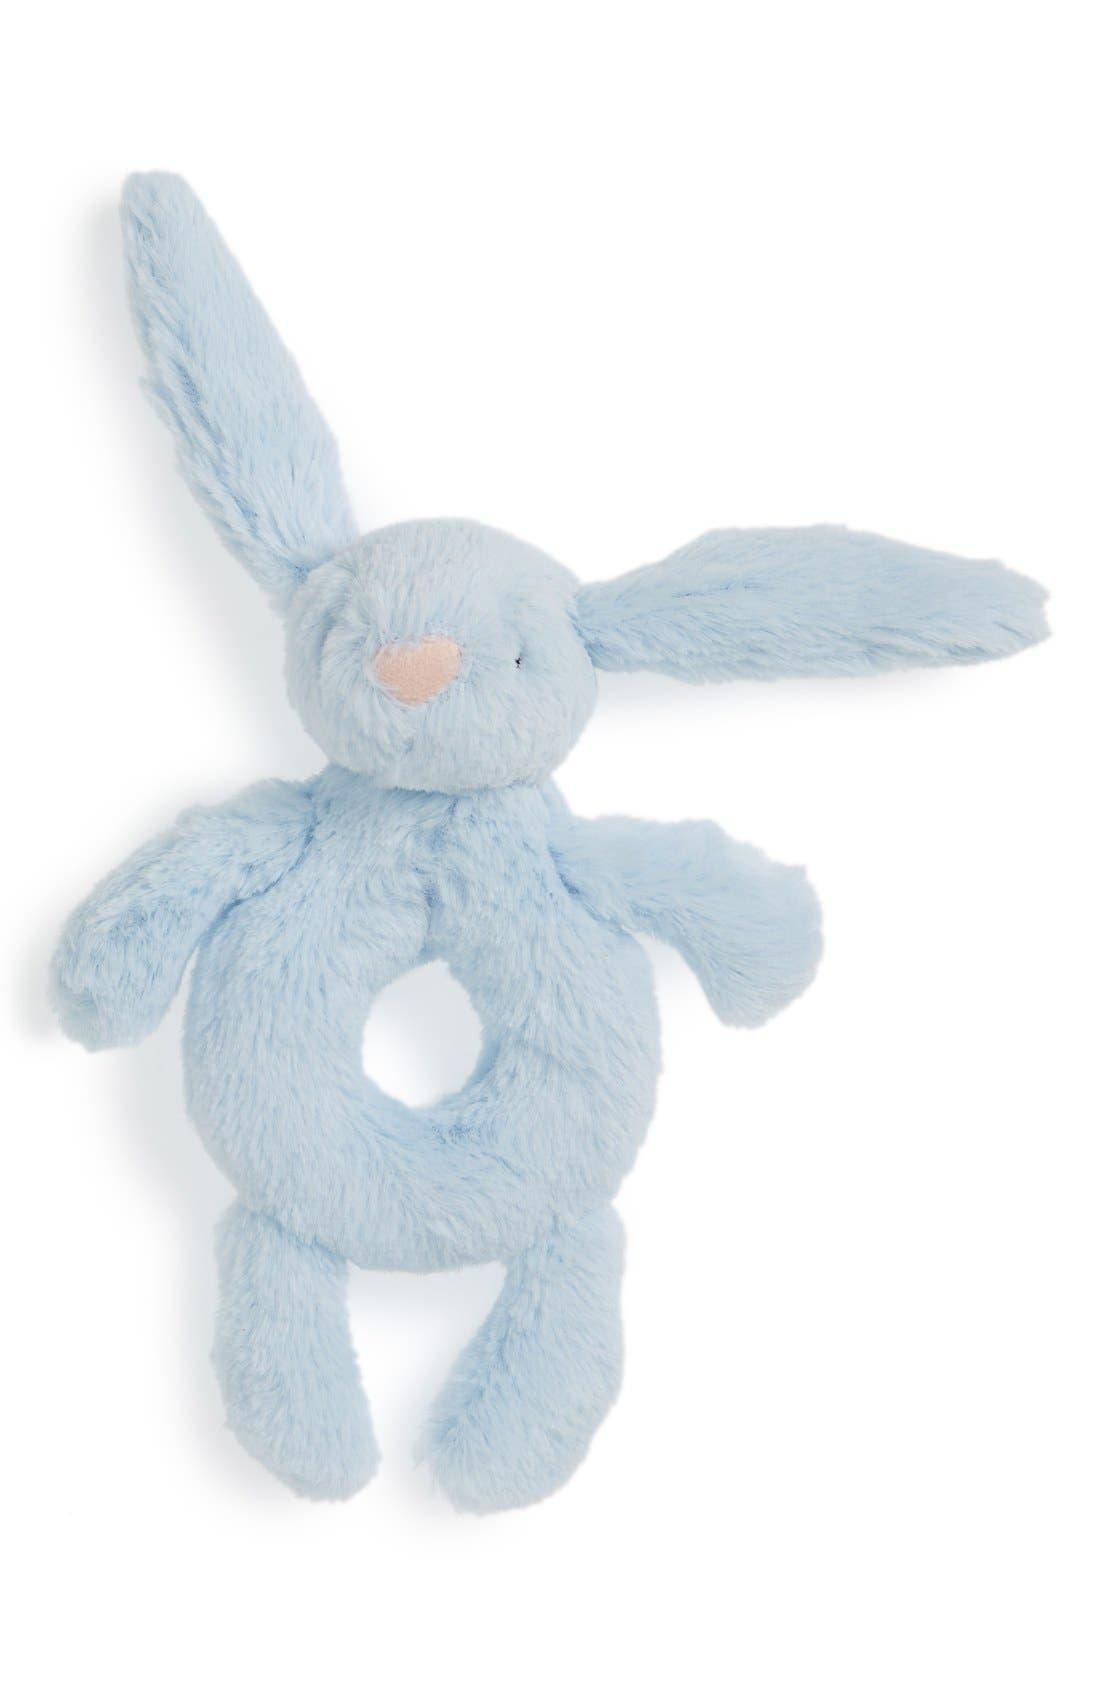 'Bashful Bunny' Grabber Rattle,                         Main,                         color, BLUE